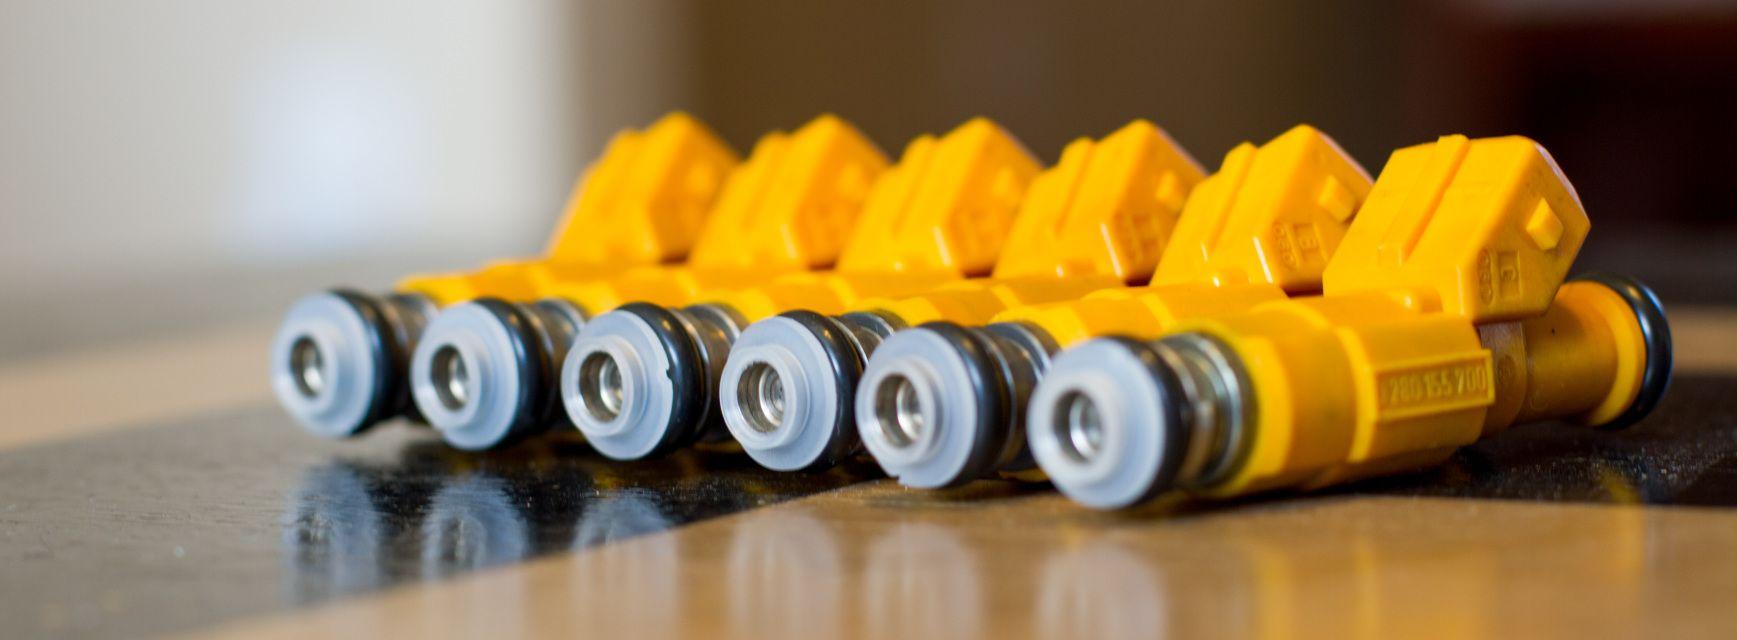 Remanufactured 4 Port Upgraded Fuel Injectors Xj Mj Jeep Wj Jeep Xj Jeep Mods